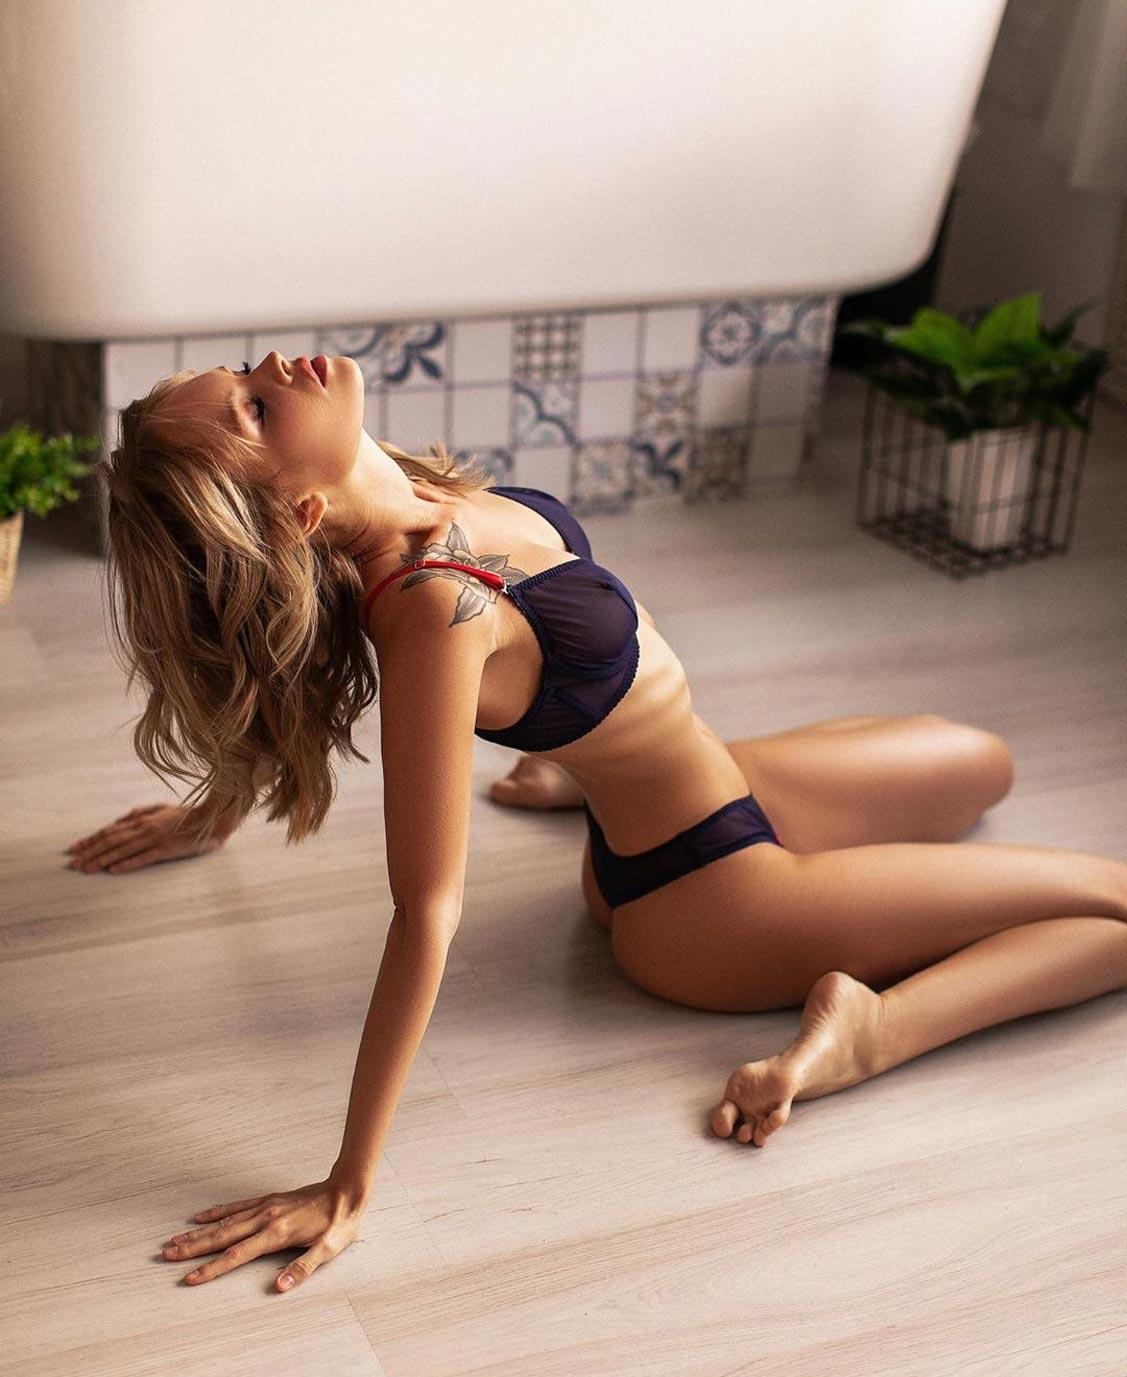 Анастасия Щеглова в нижнем белье торговой марки MissX / фото 26